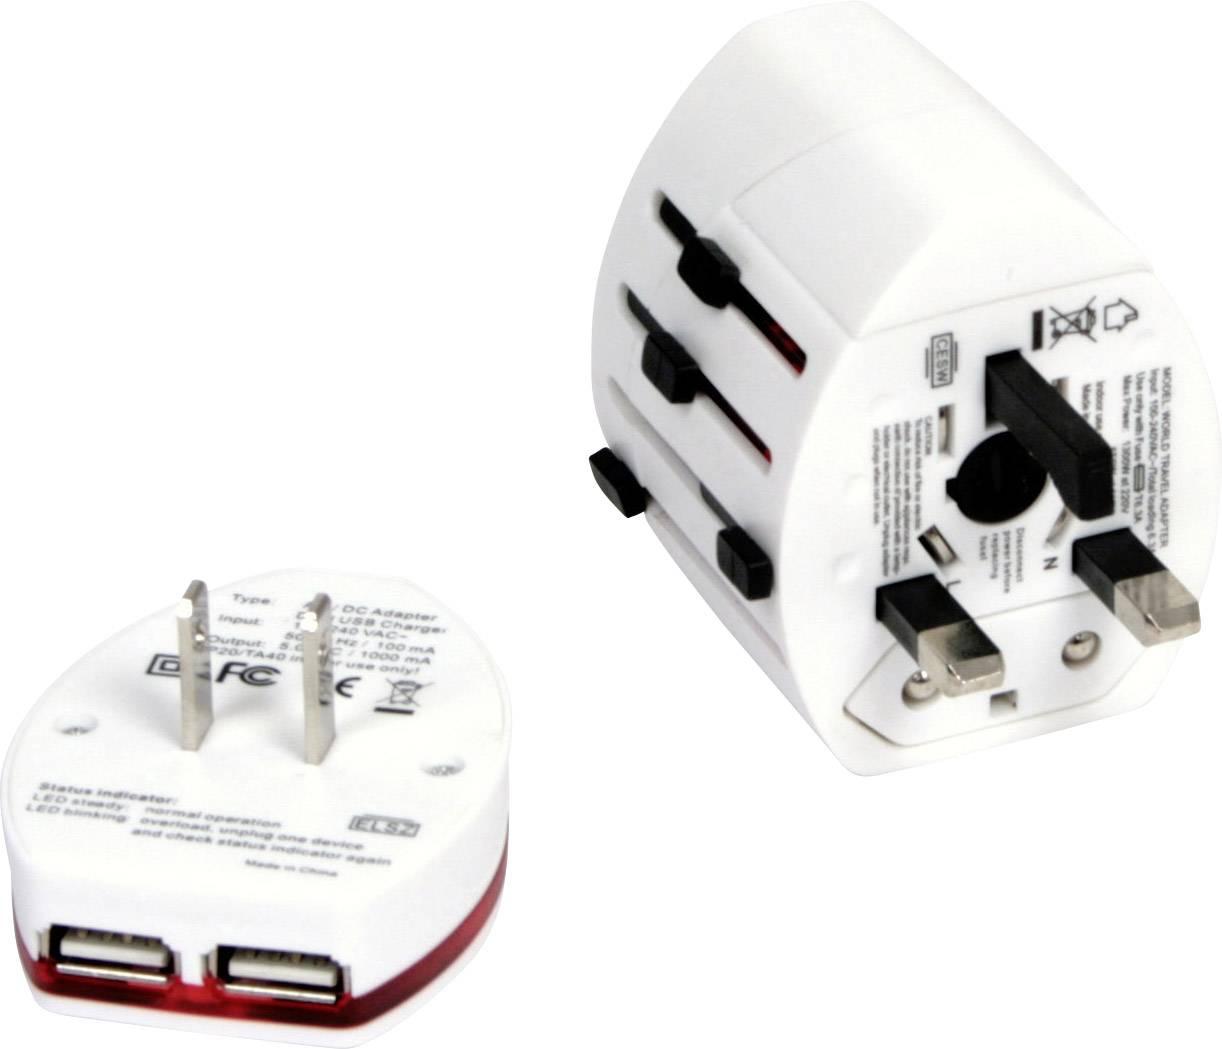 Omega Travel OTRA2 4in1 14014 USB laddare Vägguttag Utgångsström max. 2000 mA 3 x USB, Grenuttag